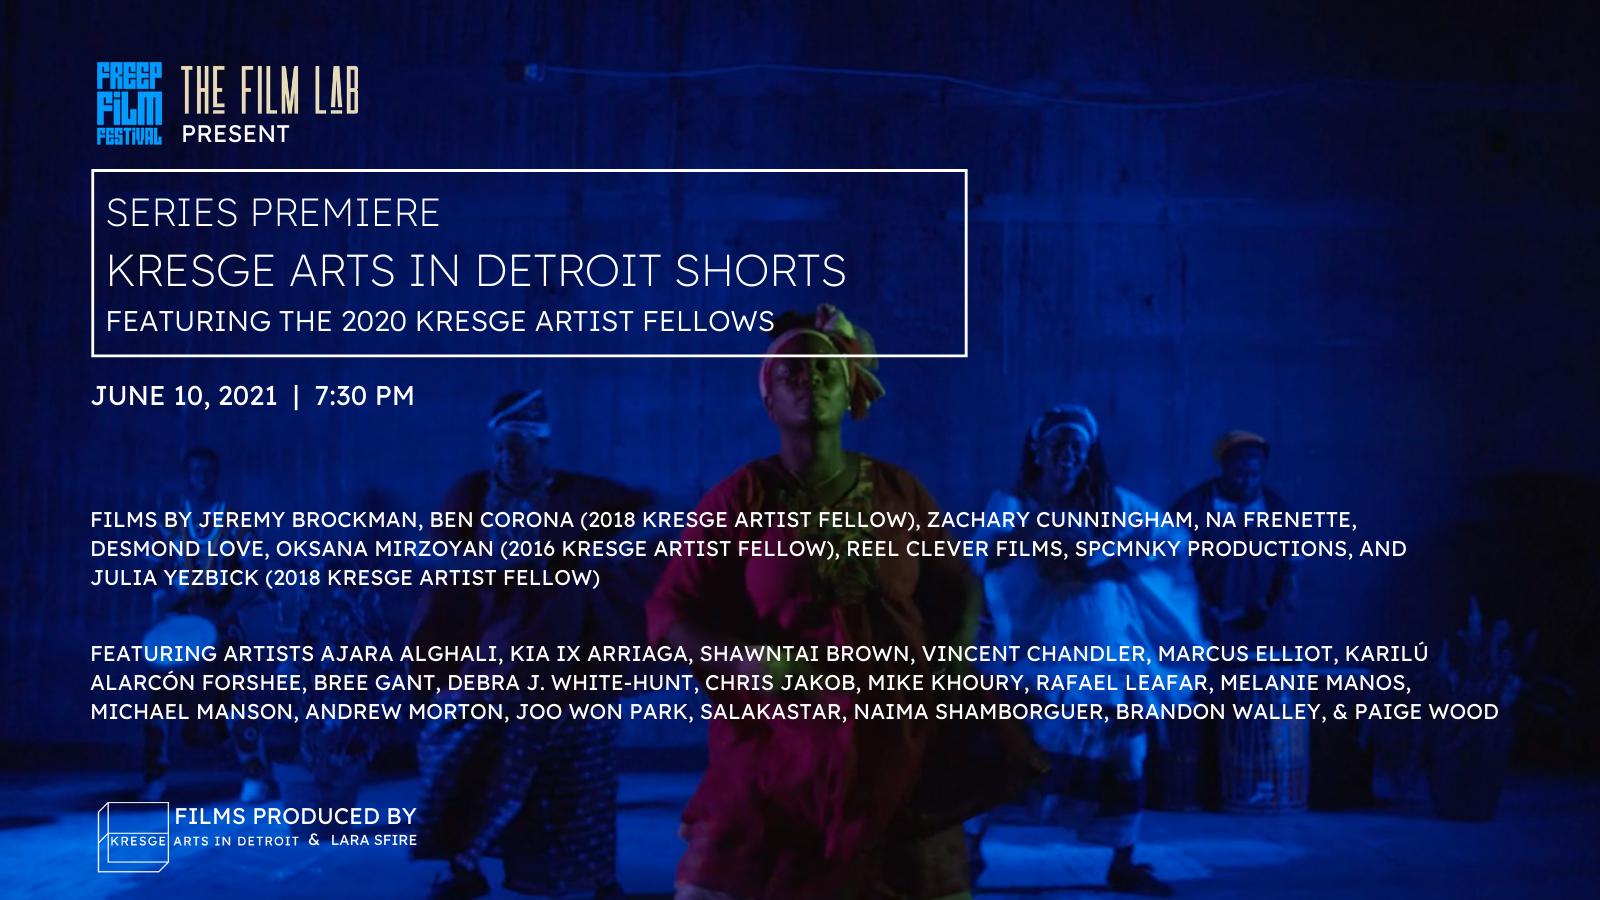 Kresge Arts  short films premiere features some of Detroit s top artists